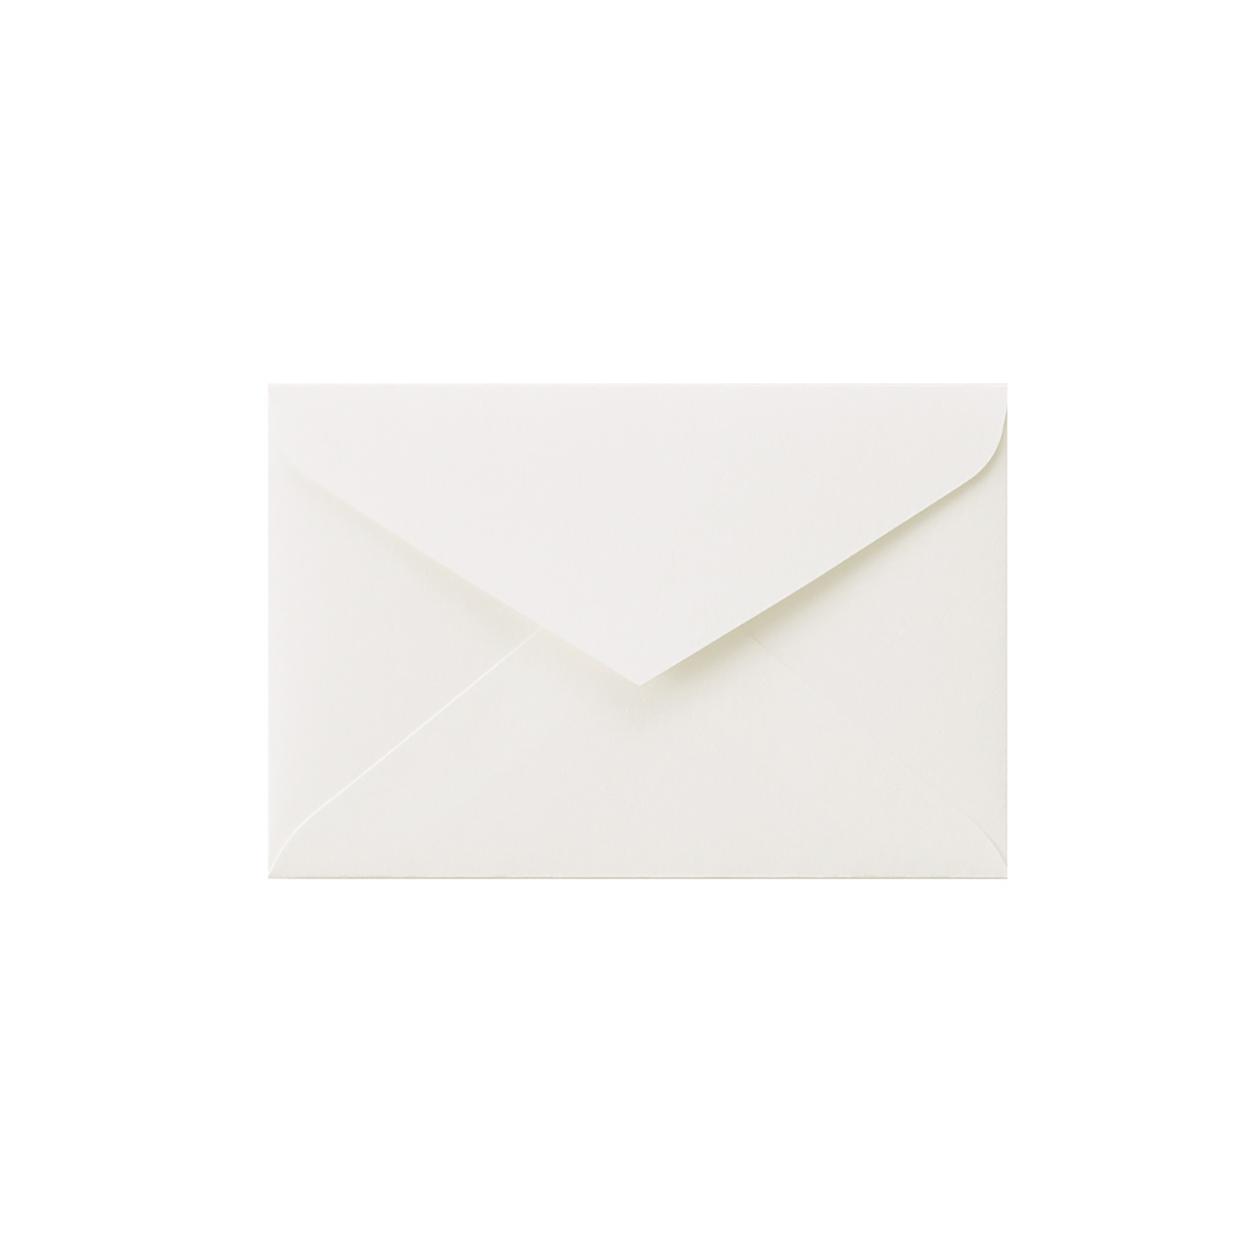 NEダイア封筒 コットン スノーホワイト 116.3g